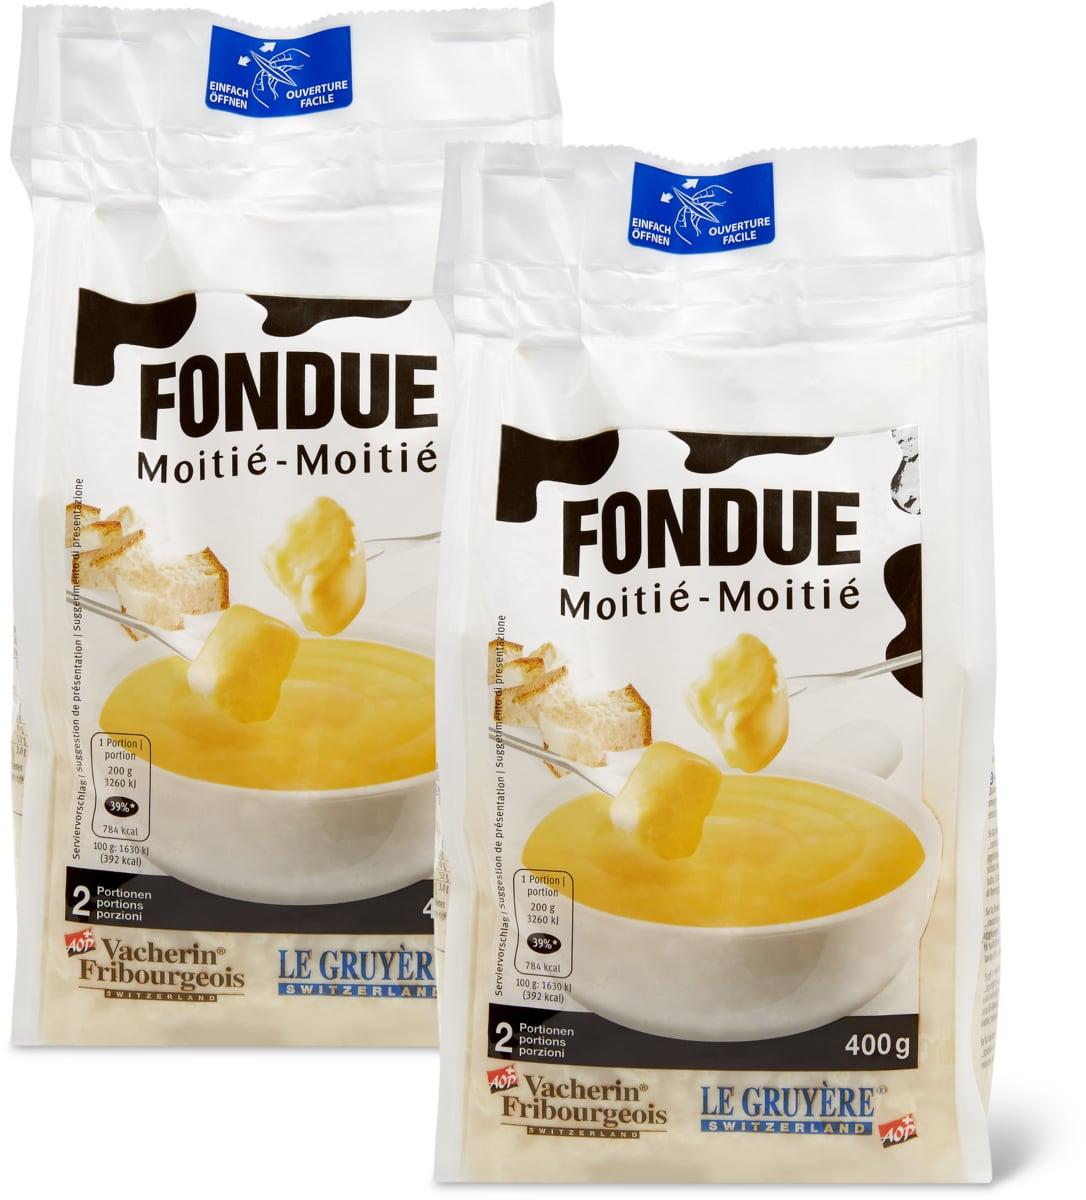 Fondue Moitié-Moitié im Duo-Pack